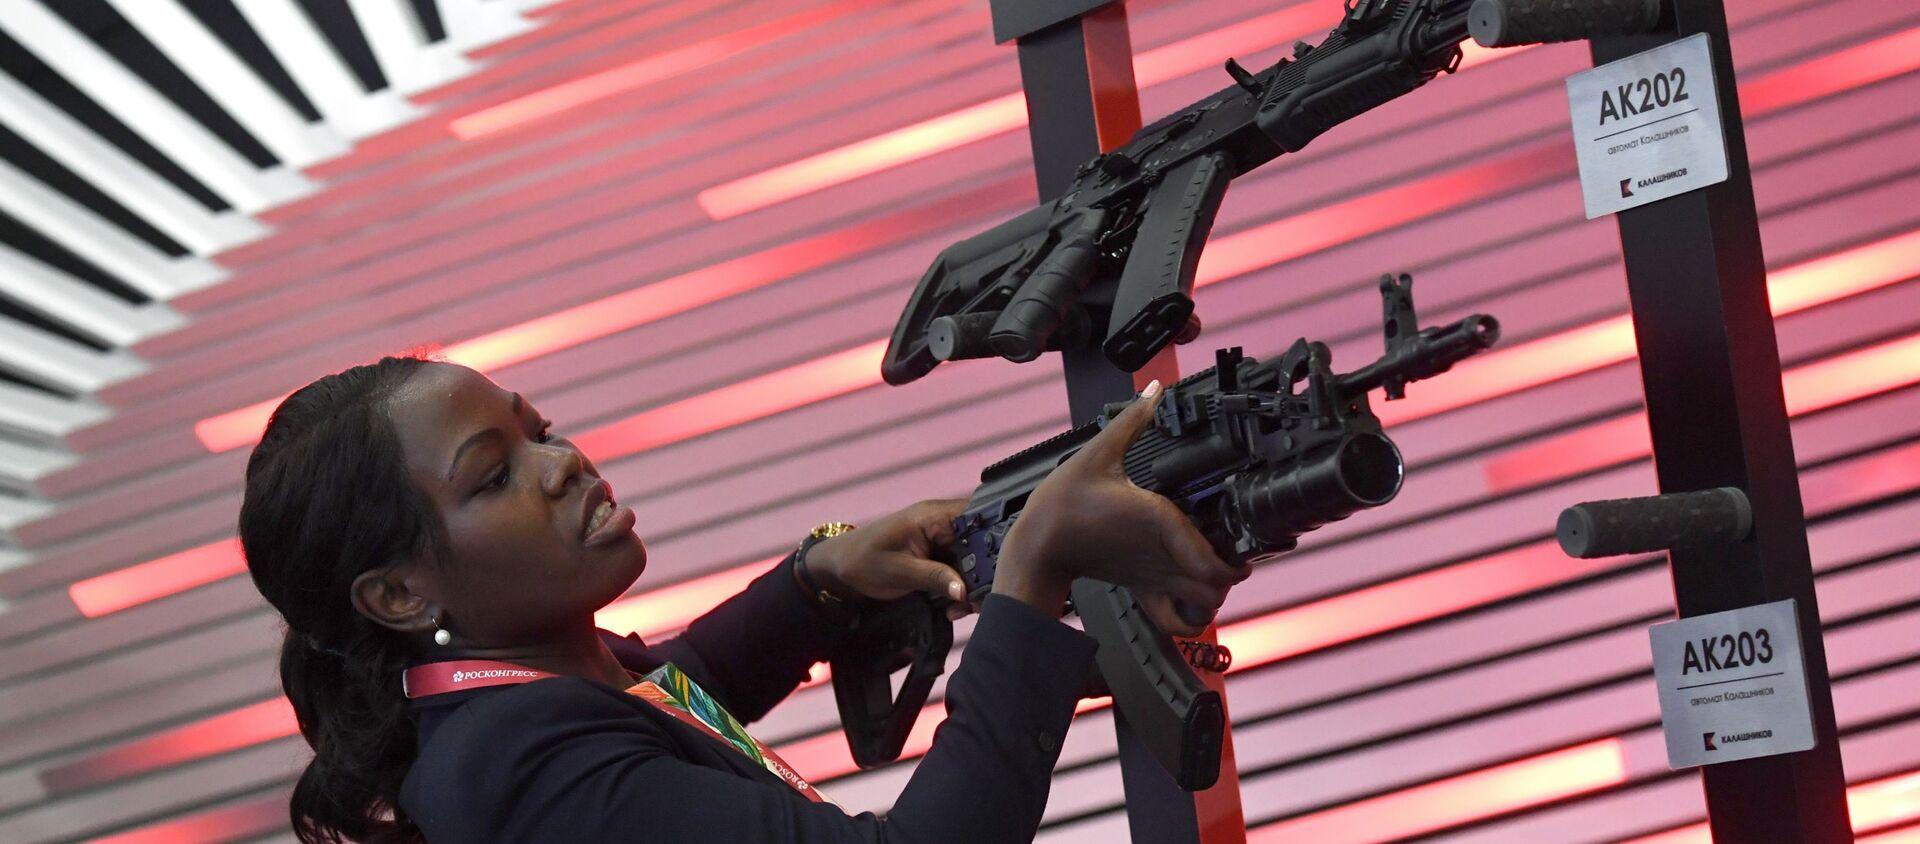 Khách tham quan SPIEF 2019 nghiên cứu súng trường tấn công AK203 Kalashnikov - Sputnik Việt Nam, 1920, 19.02.2021